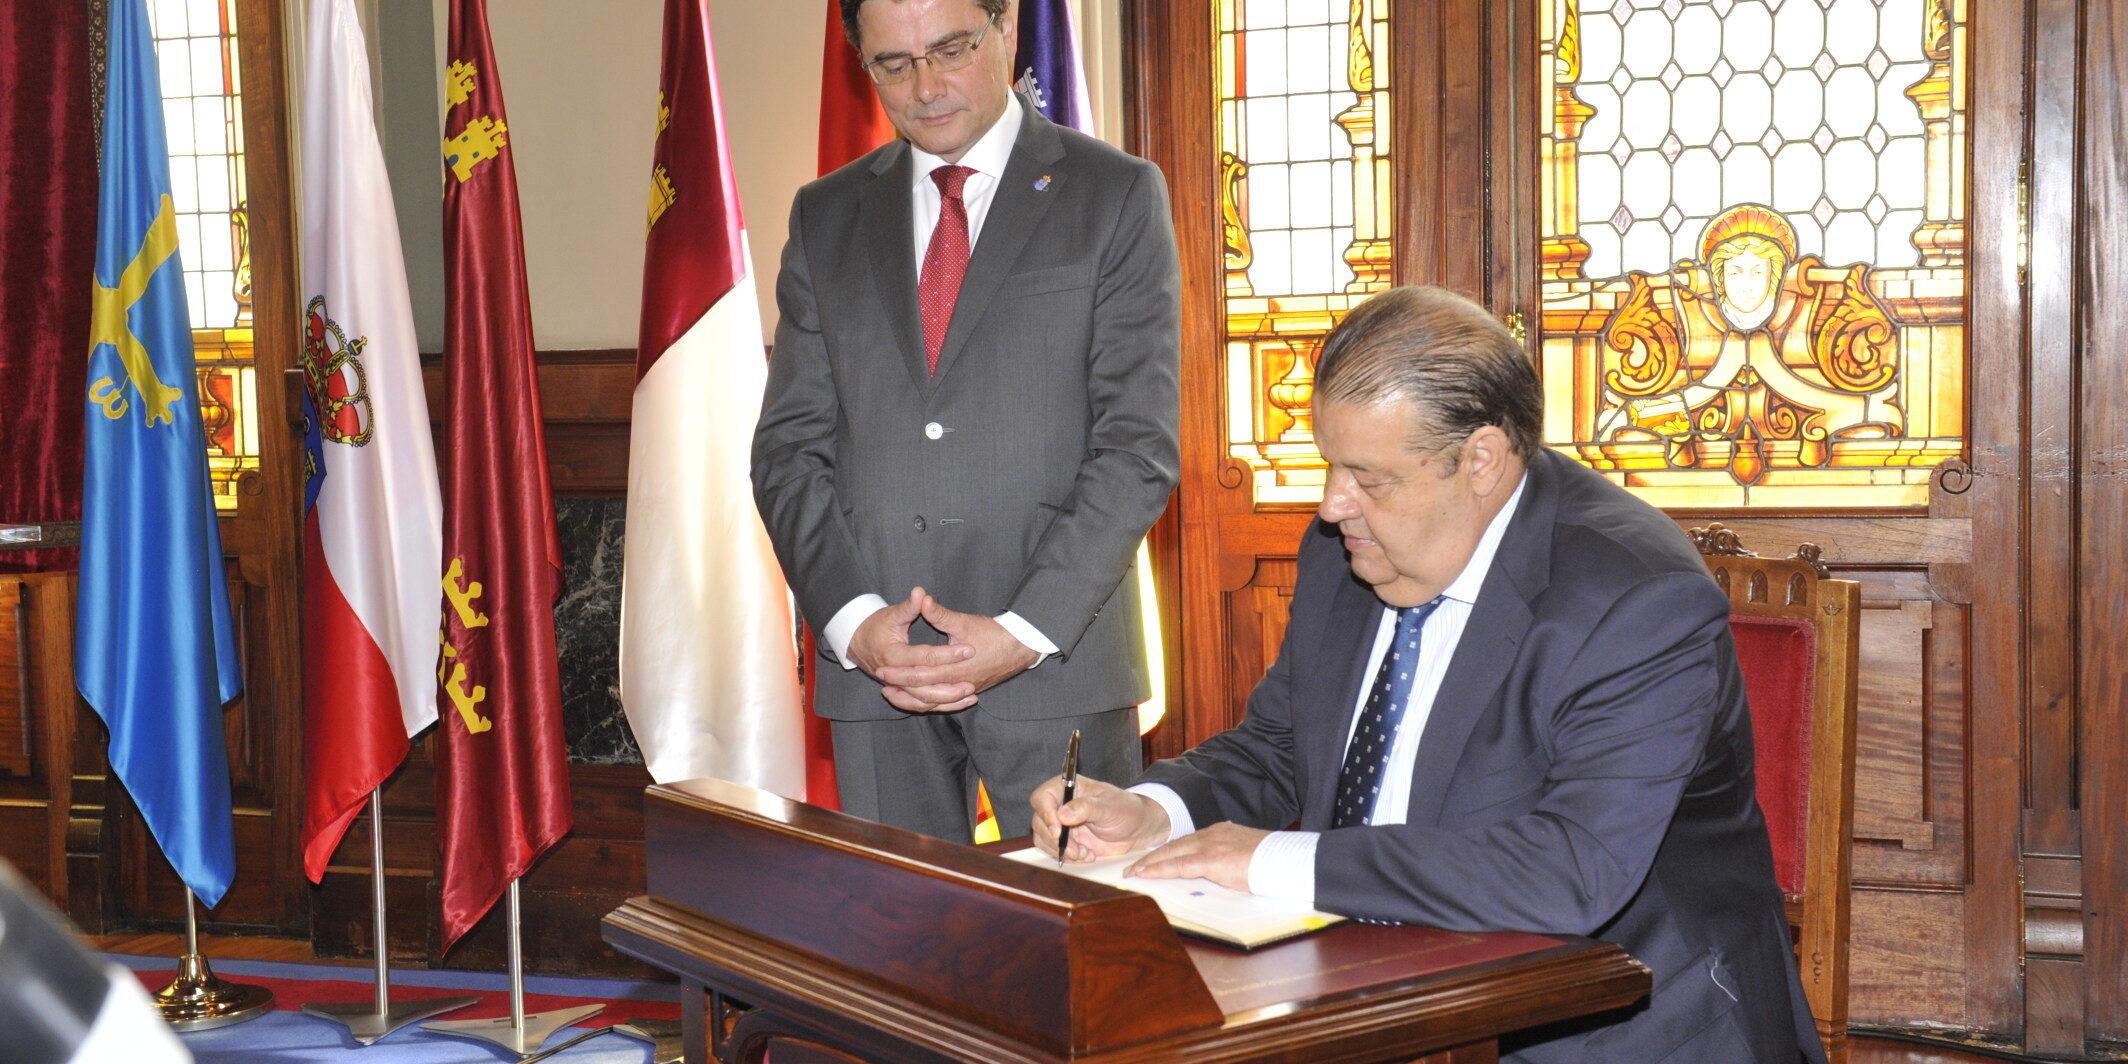 El presidente de las Cortes de Castilla-La Mancha firma en el libro de honor de la Junta General del Principado de Asturias